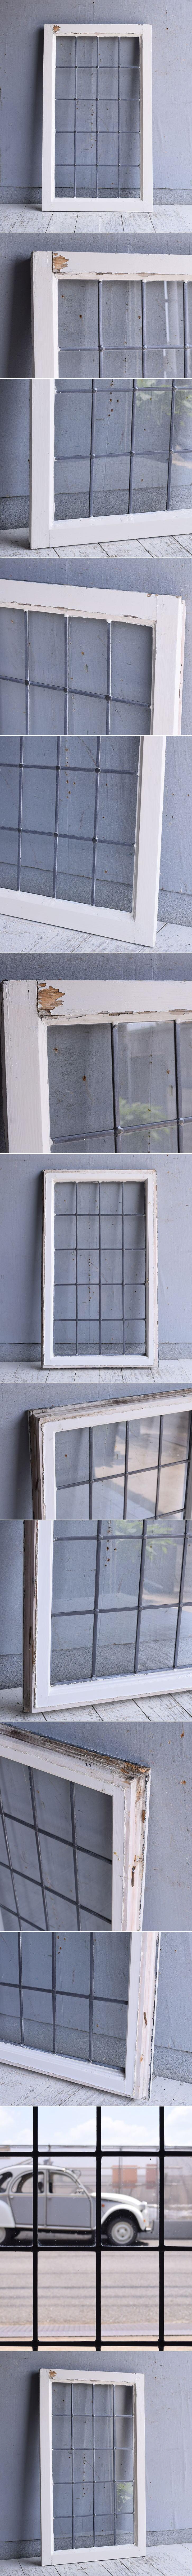 イギリス アンティーク 窓 無色透明 9594